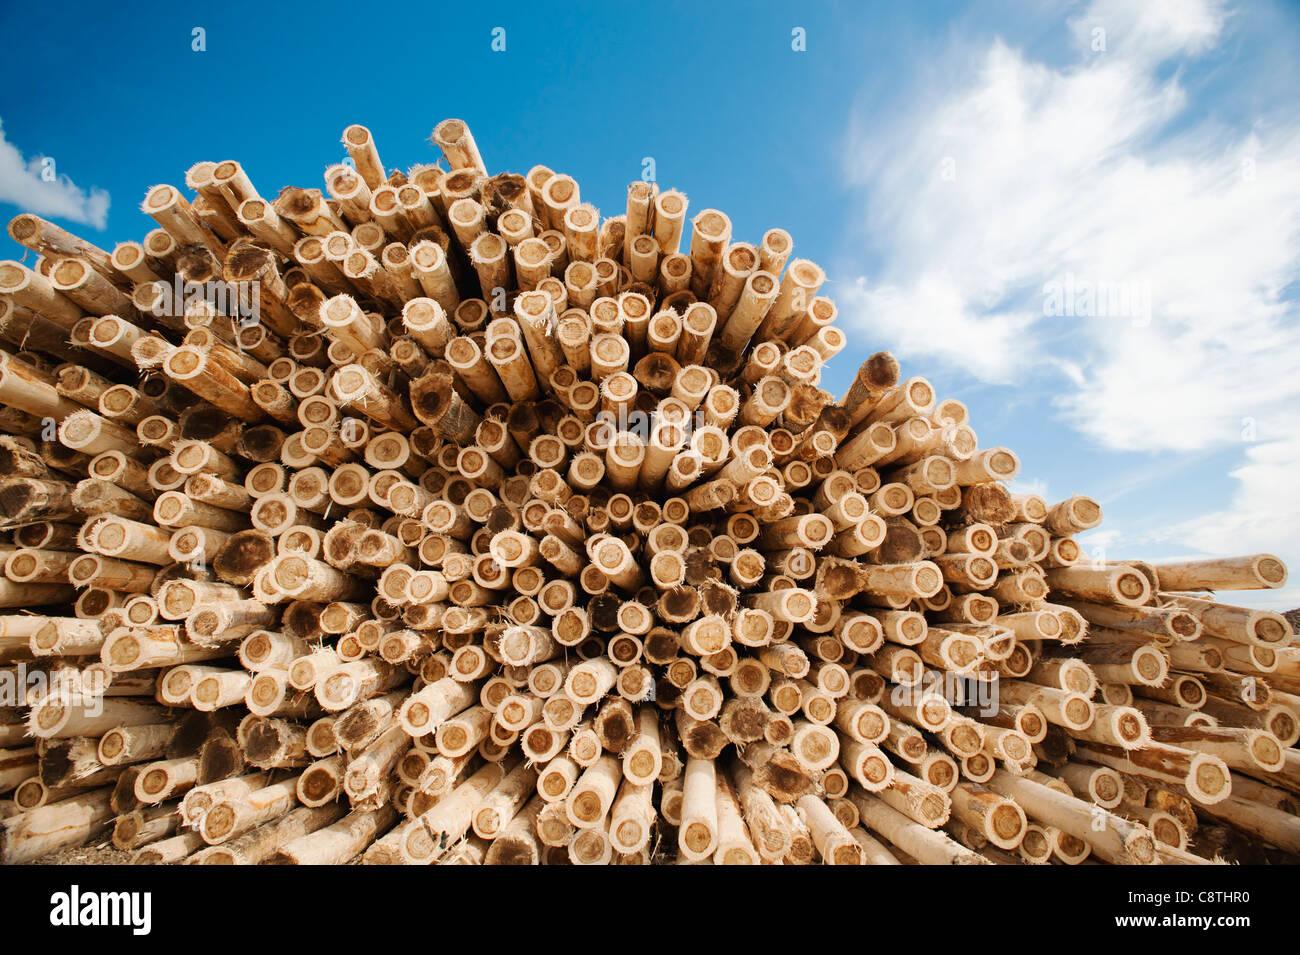 Stati Uniti d'America, Oregon, Boardman, la pila di legno contro il cielo blu Immagini Stock